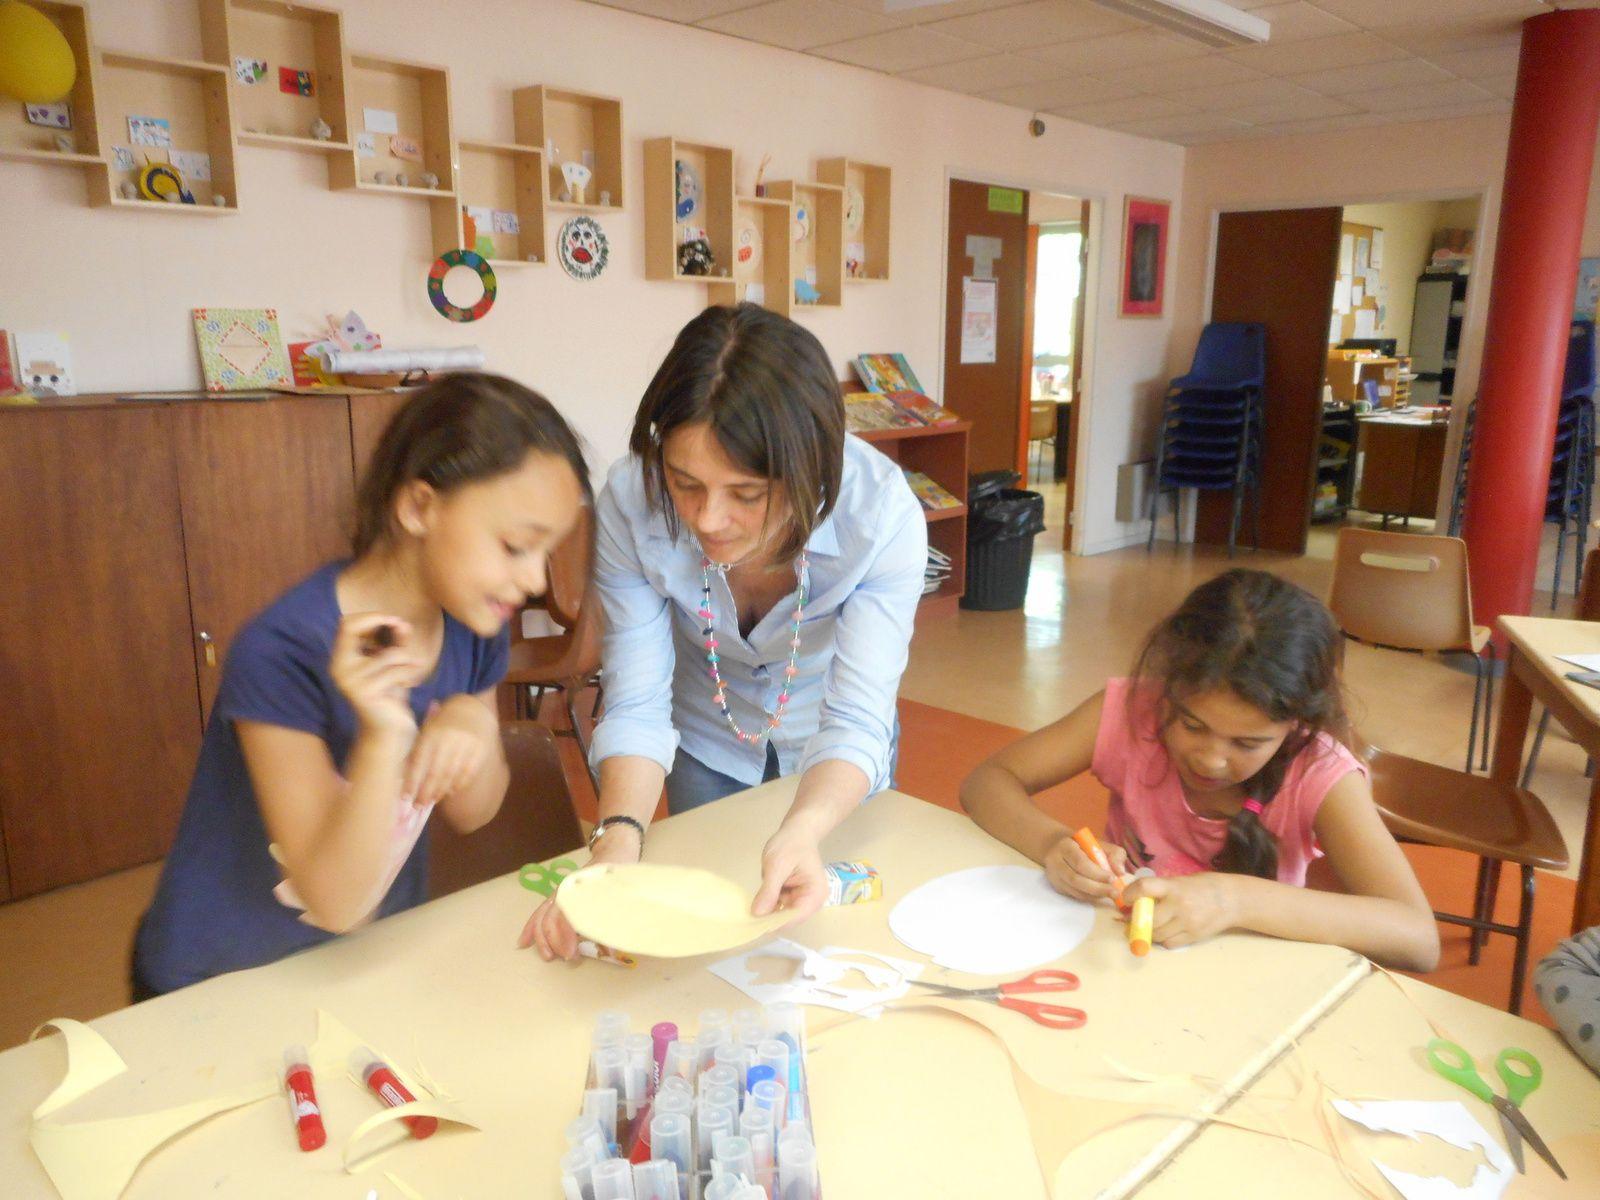 ME CRINS: Atelier Parents Enfants